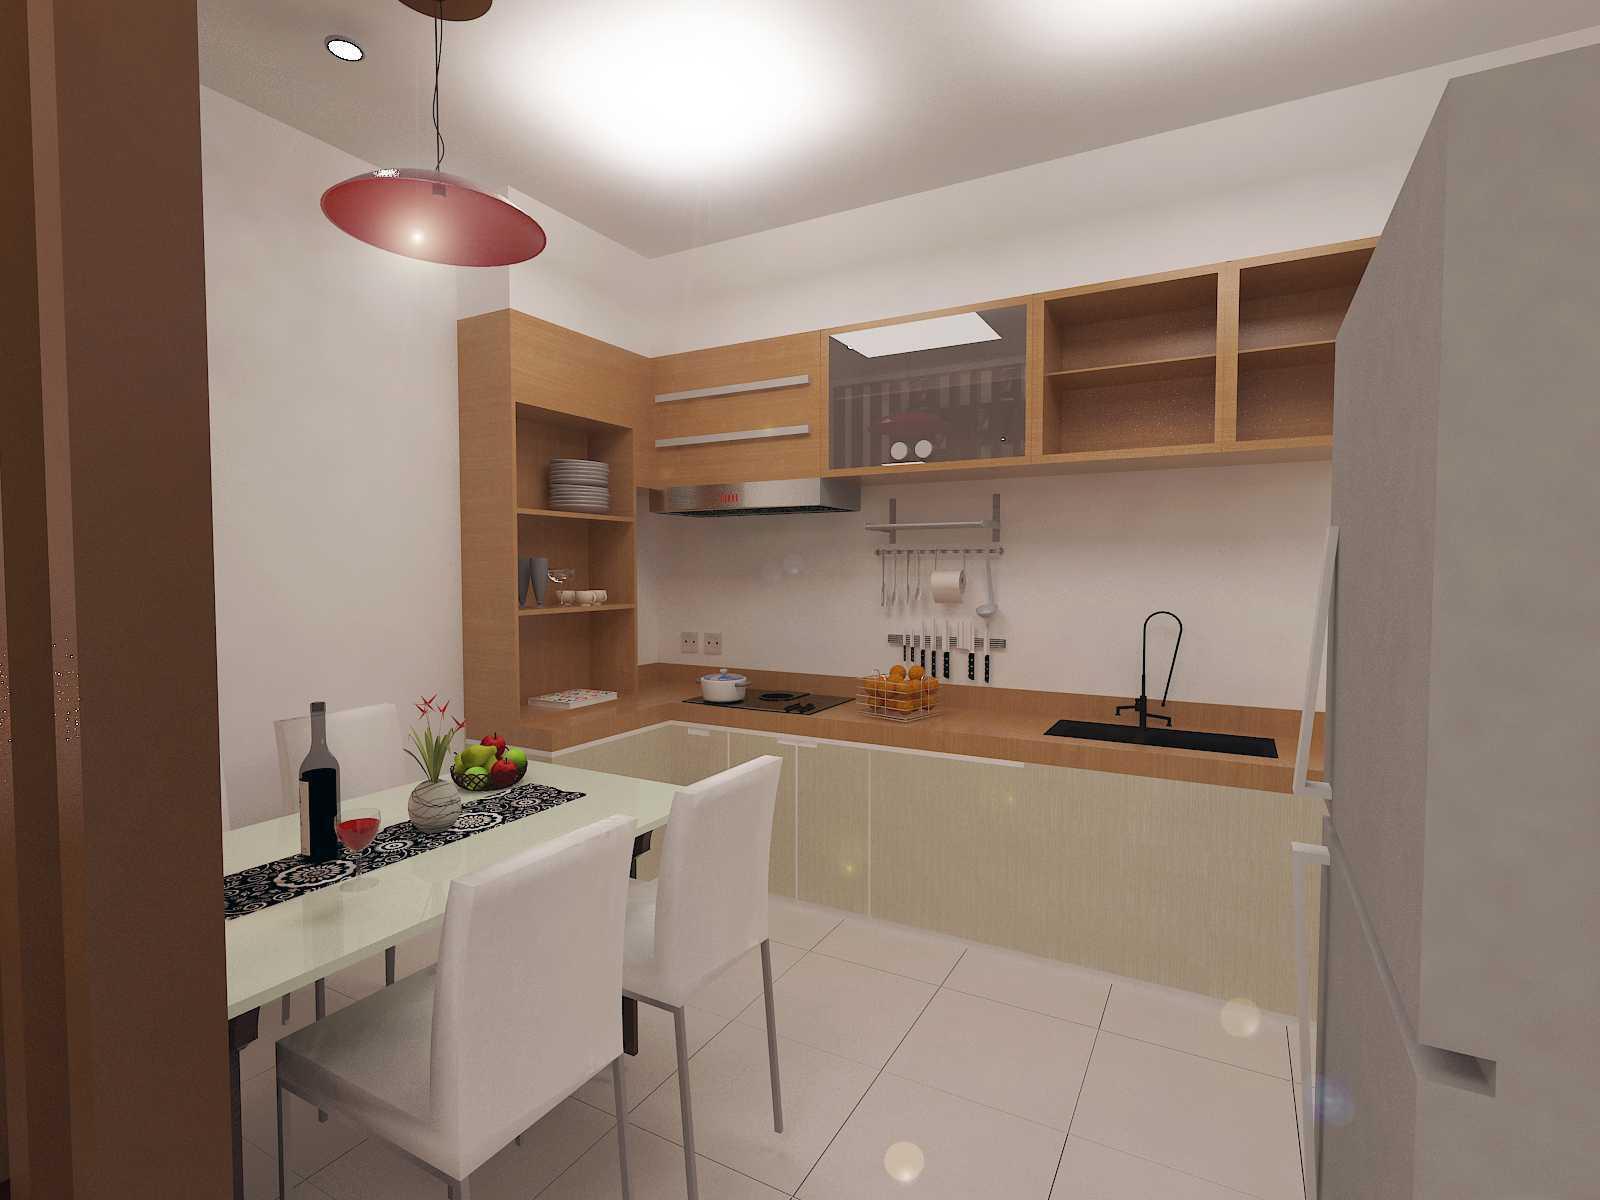 Archdesignbuild7 Rumah Minimalis Di Kopo Jl. Kopo Sayati , Bandung Jl. Kopo Sayati , Bandung Kitchen And Diningroom Minimalis  13295